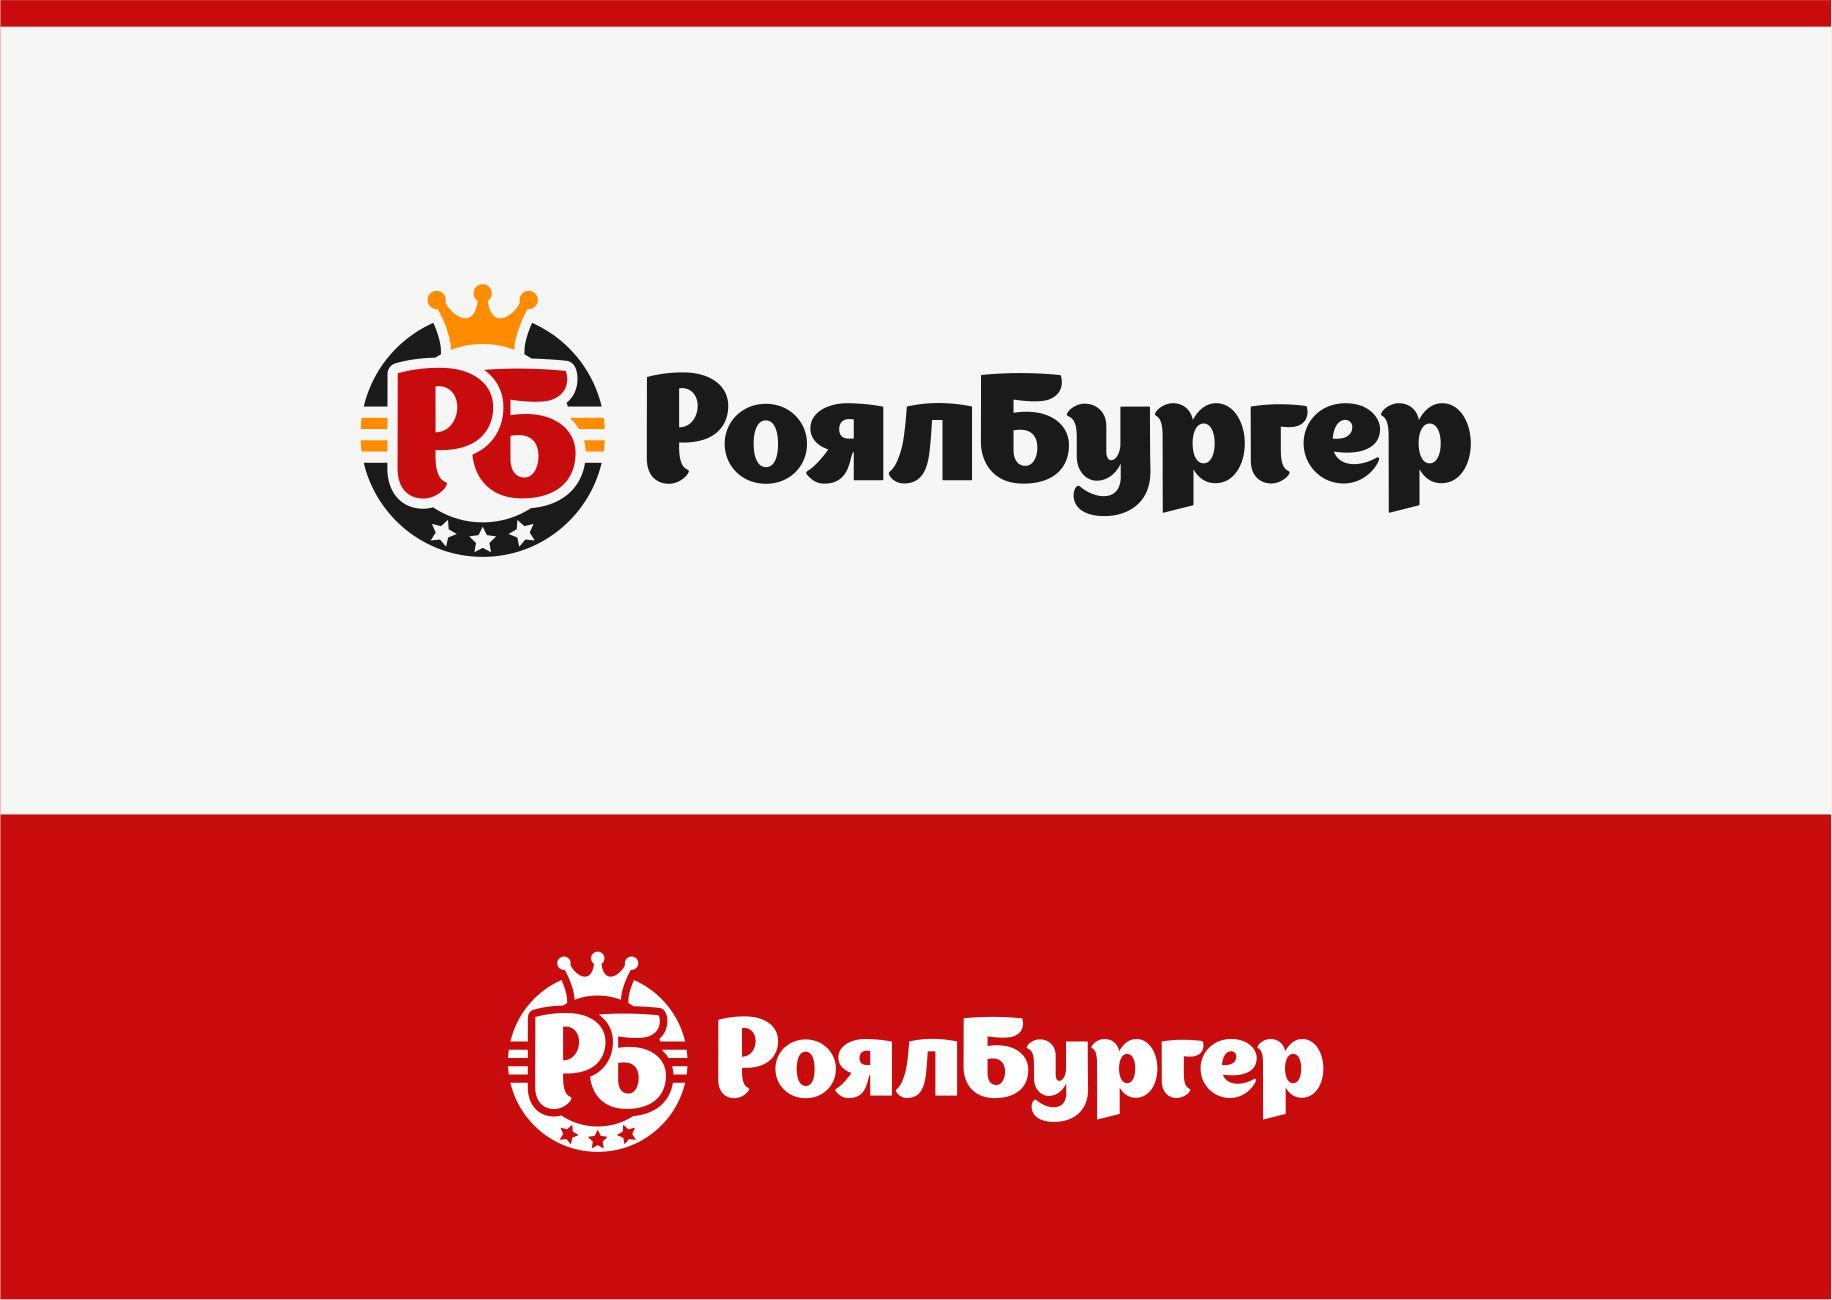 Обновление логотипа фото f_83659a462419efb5.jpg